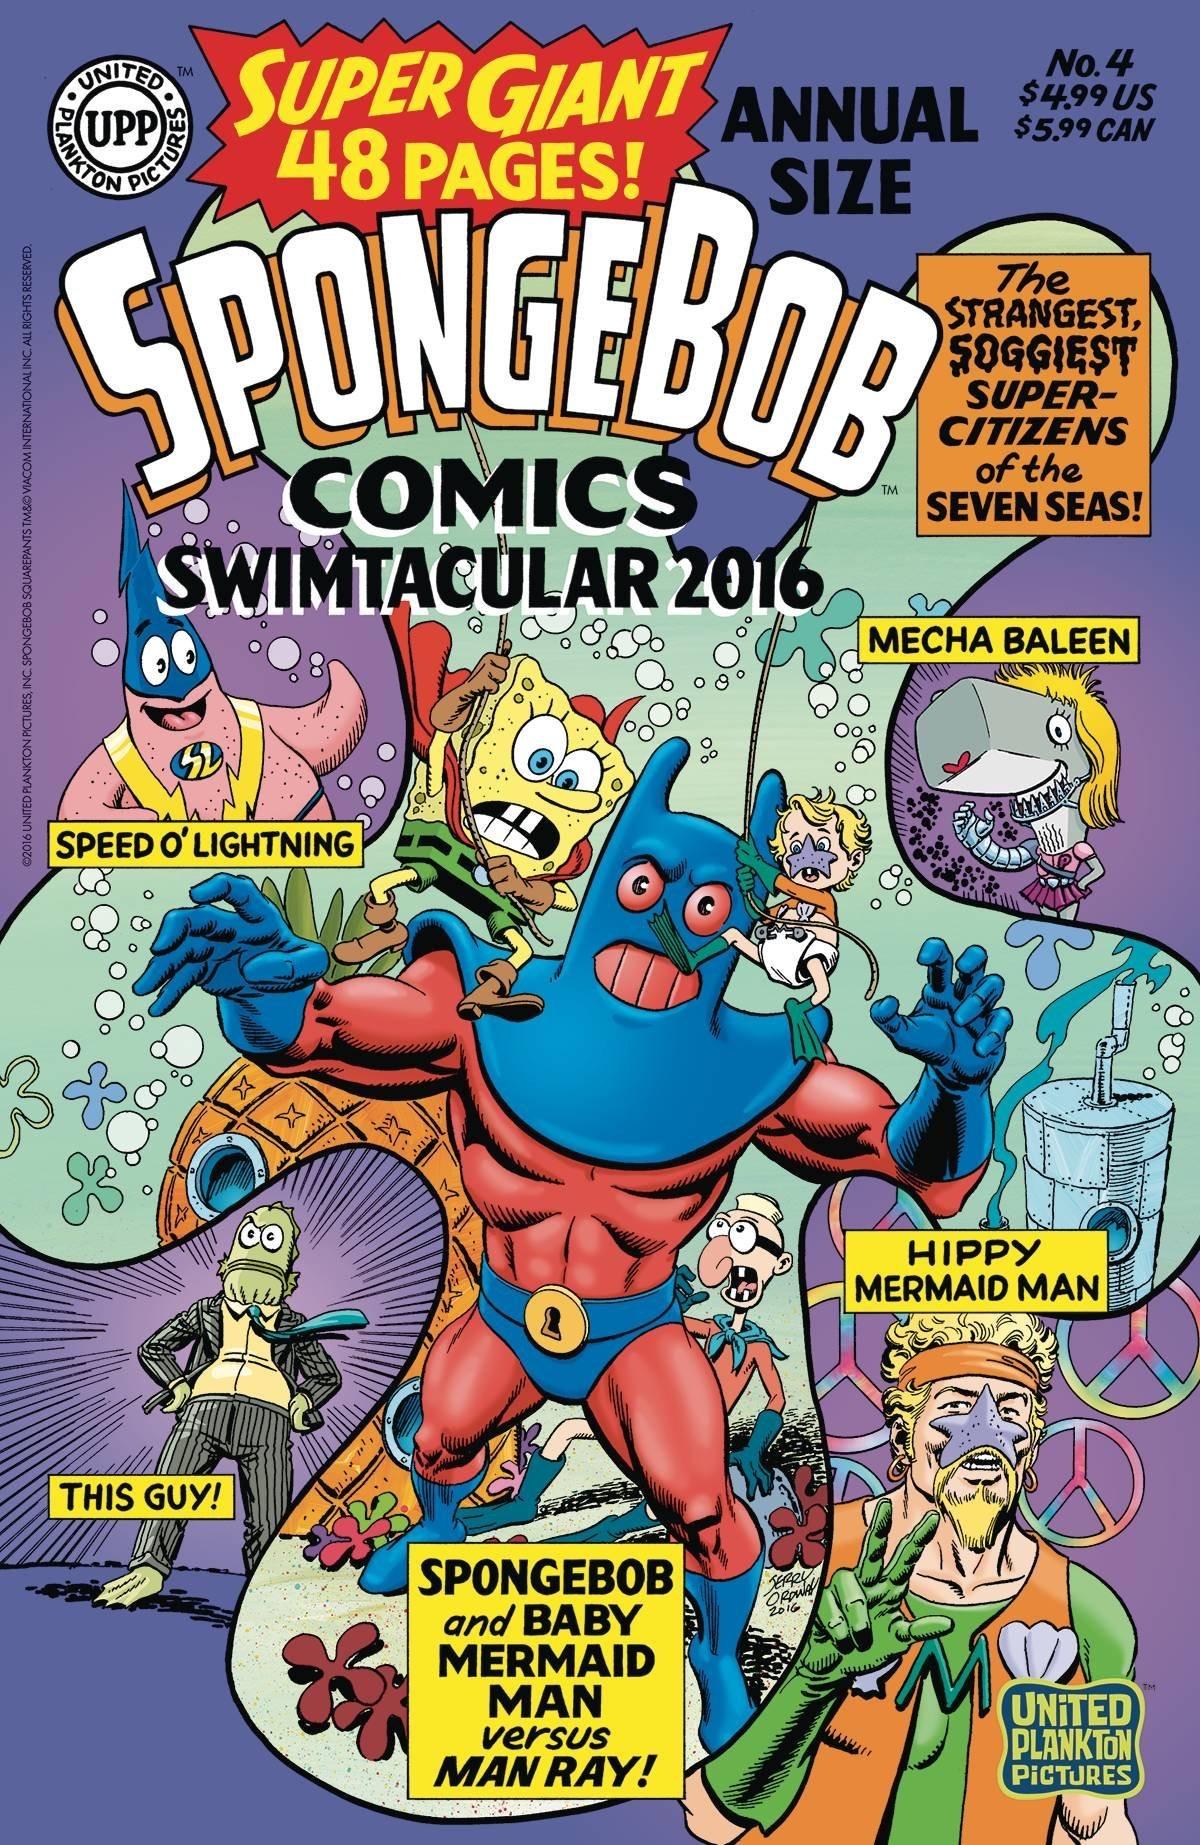 SpongeBob Comics Annual Super-Giant Swimtacular No. 4